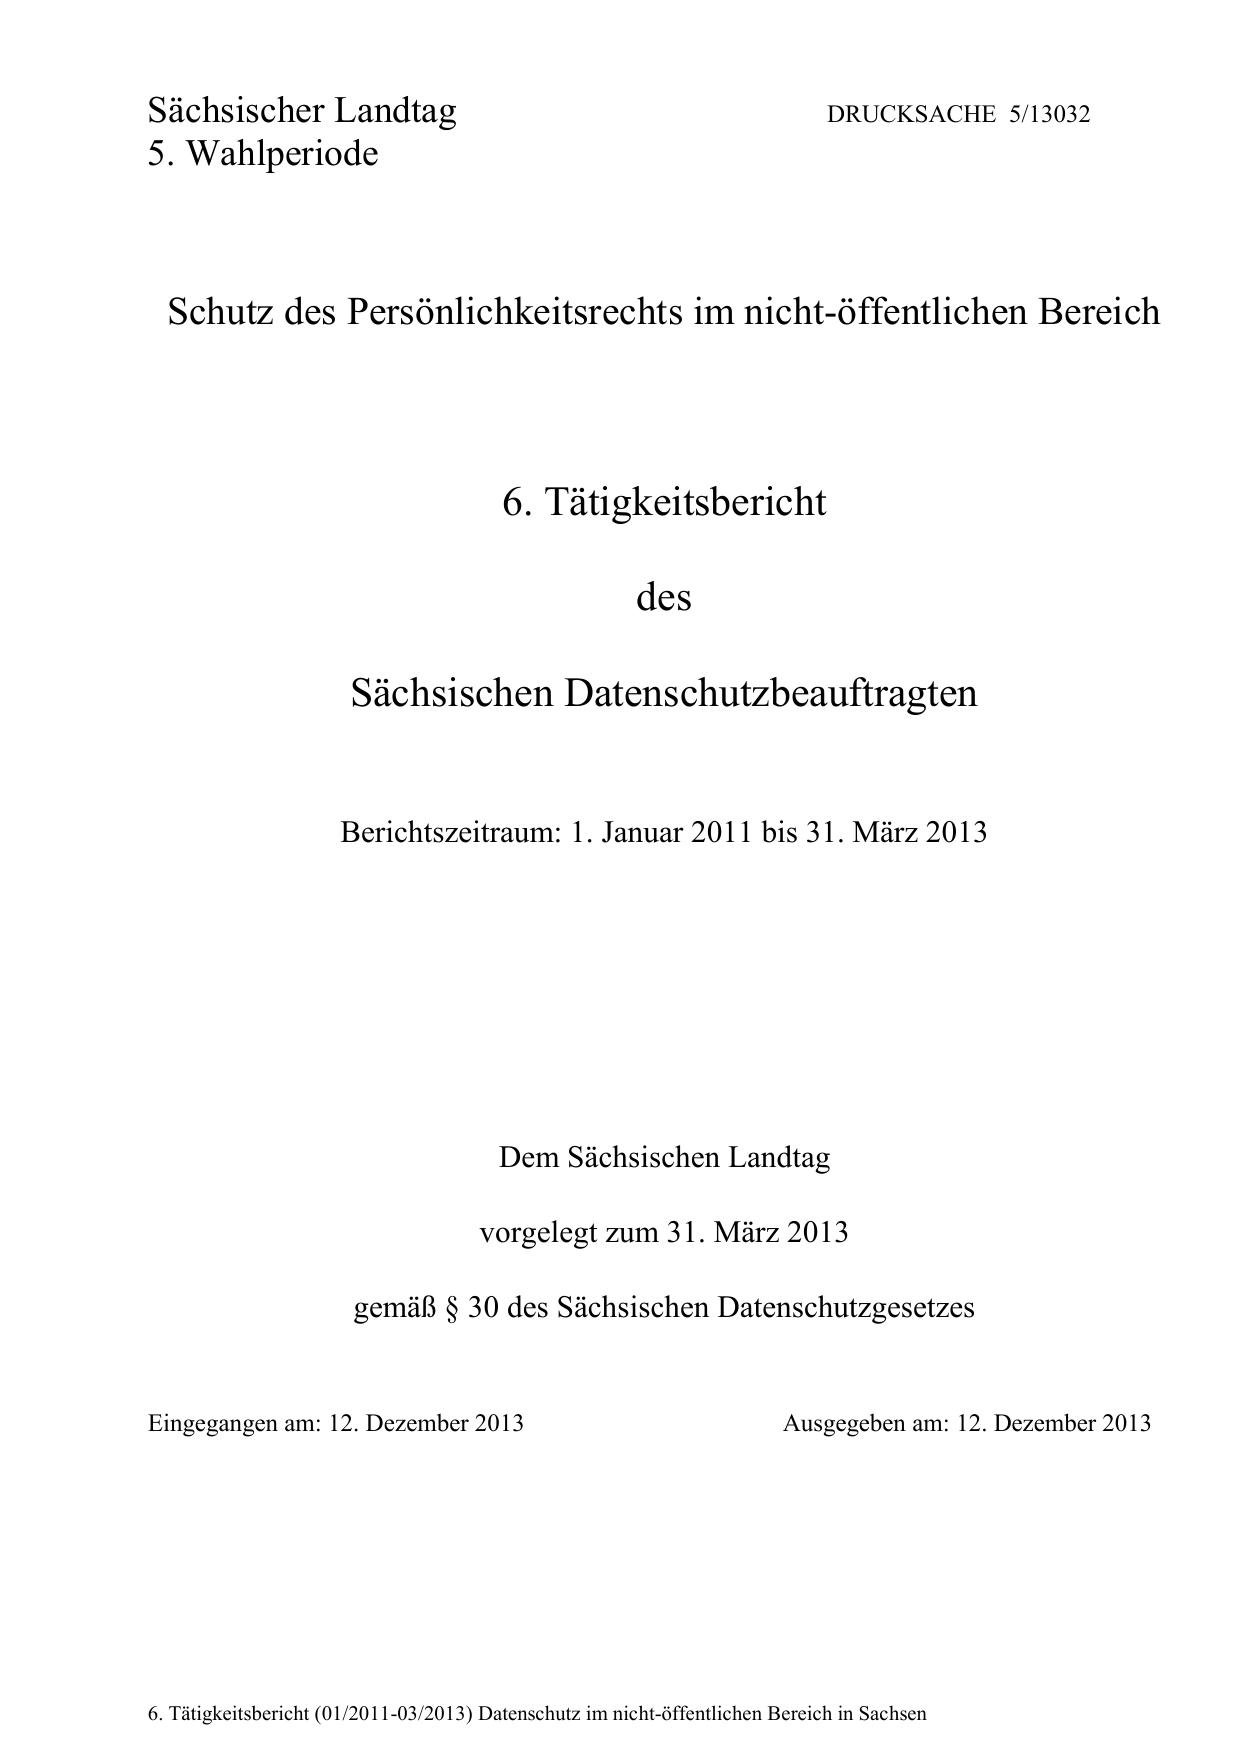 6. Tätigkeitsbericht des Sächsischen Datenschutzbeauftragten ...